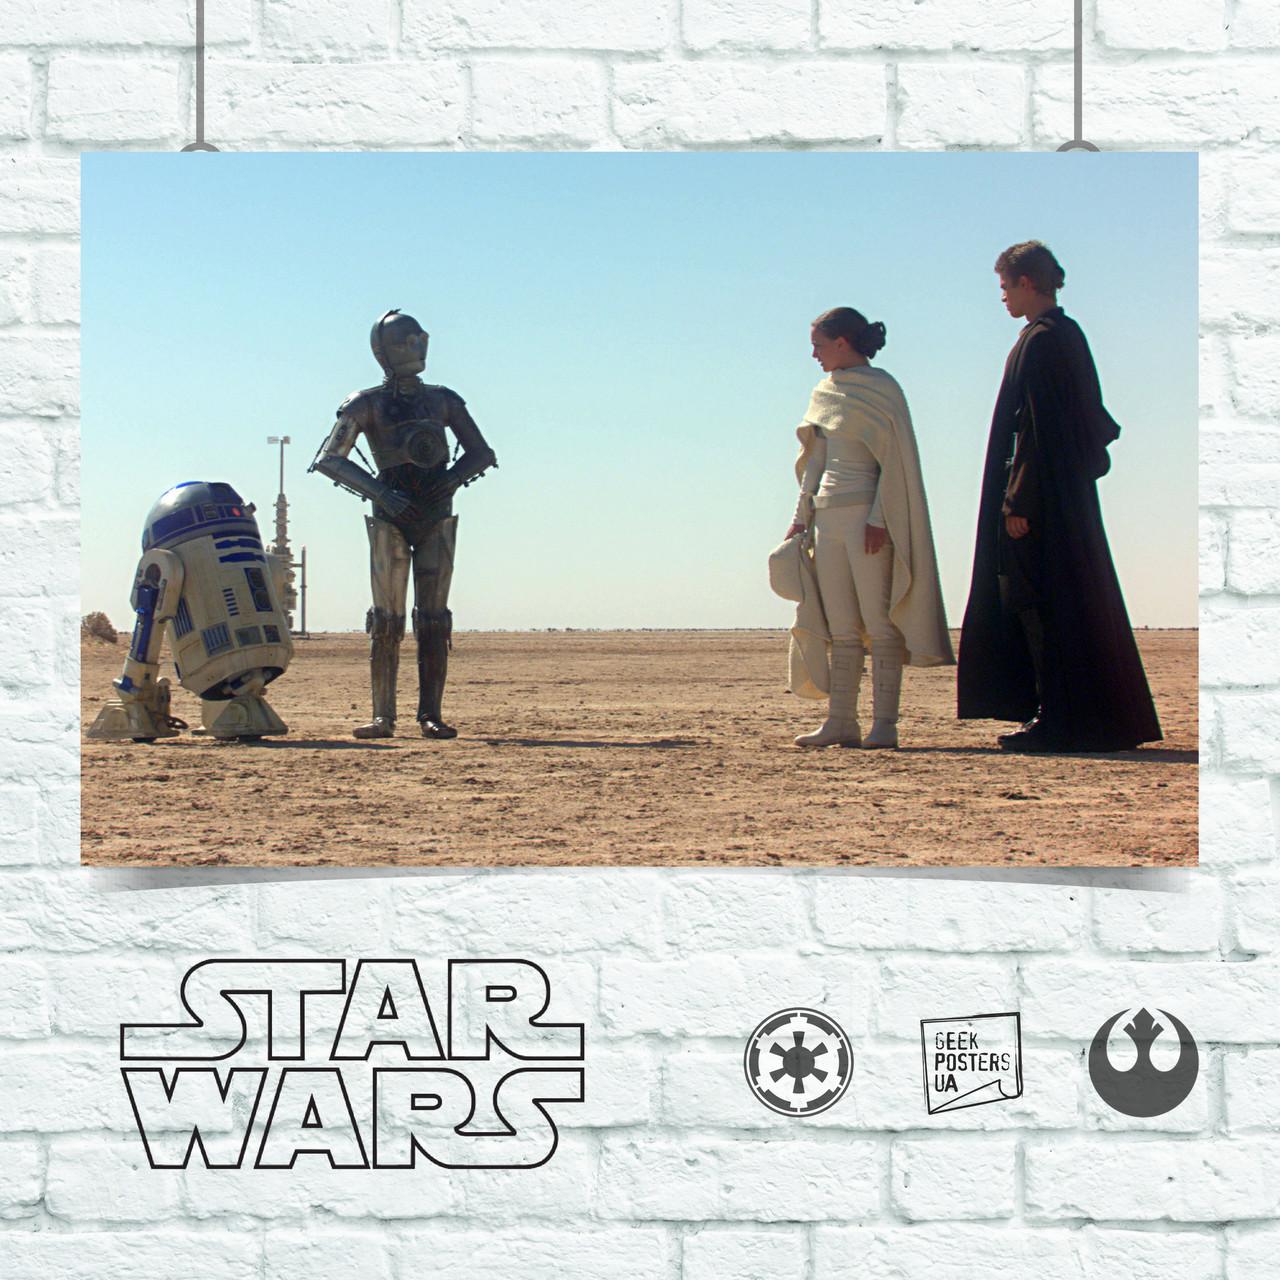 Постер Амидала и Энакин выбирают дроидов, Звёздные Войны, Star Wars. Размер 60x42см (A2). Глянцевая бумага